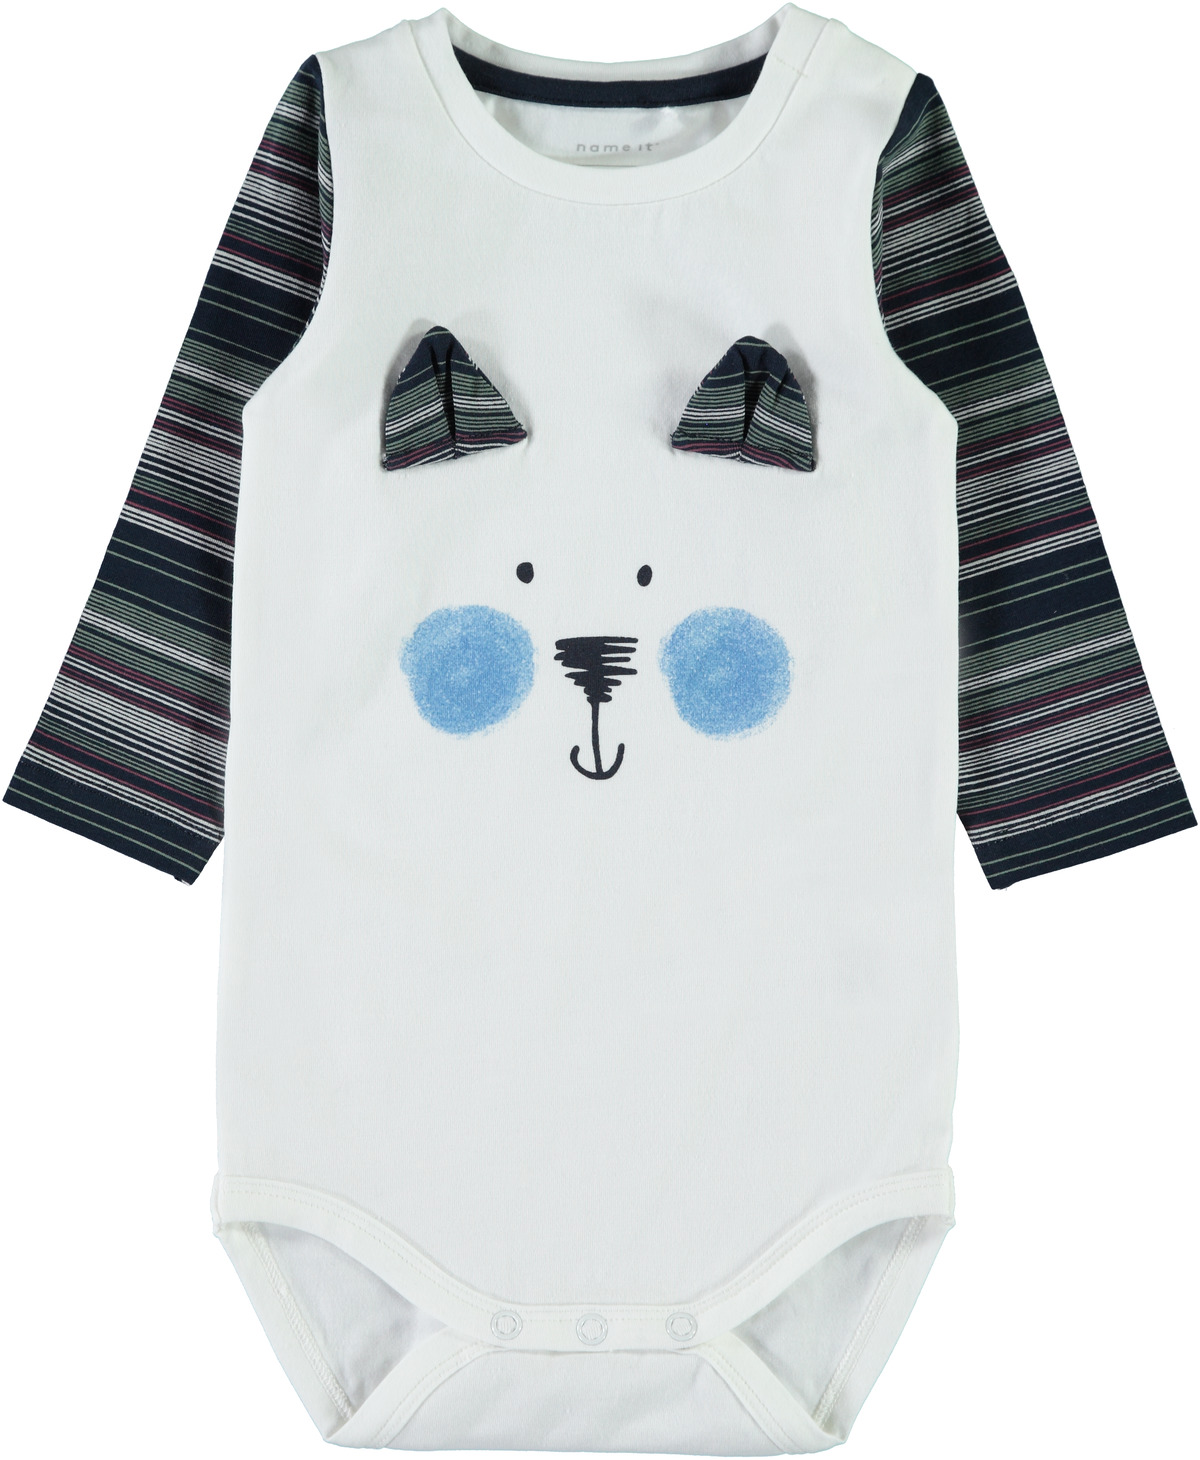 d6008c36 Name It body, body til barn og baby med bamse på magen, barneklær